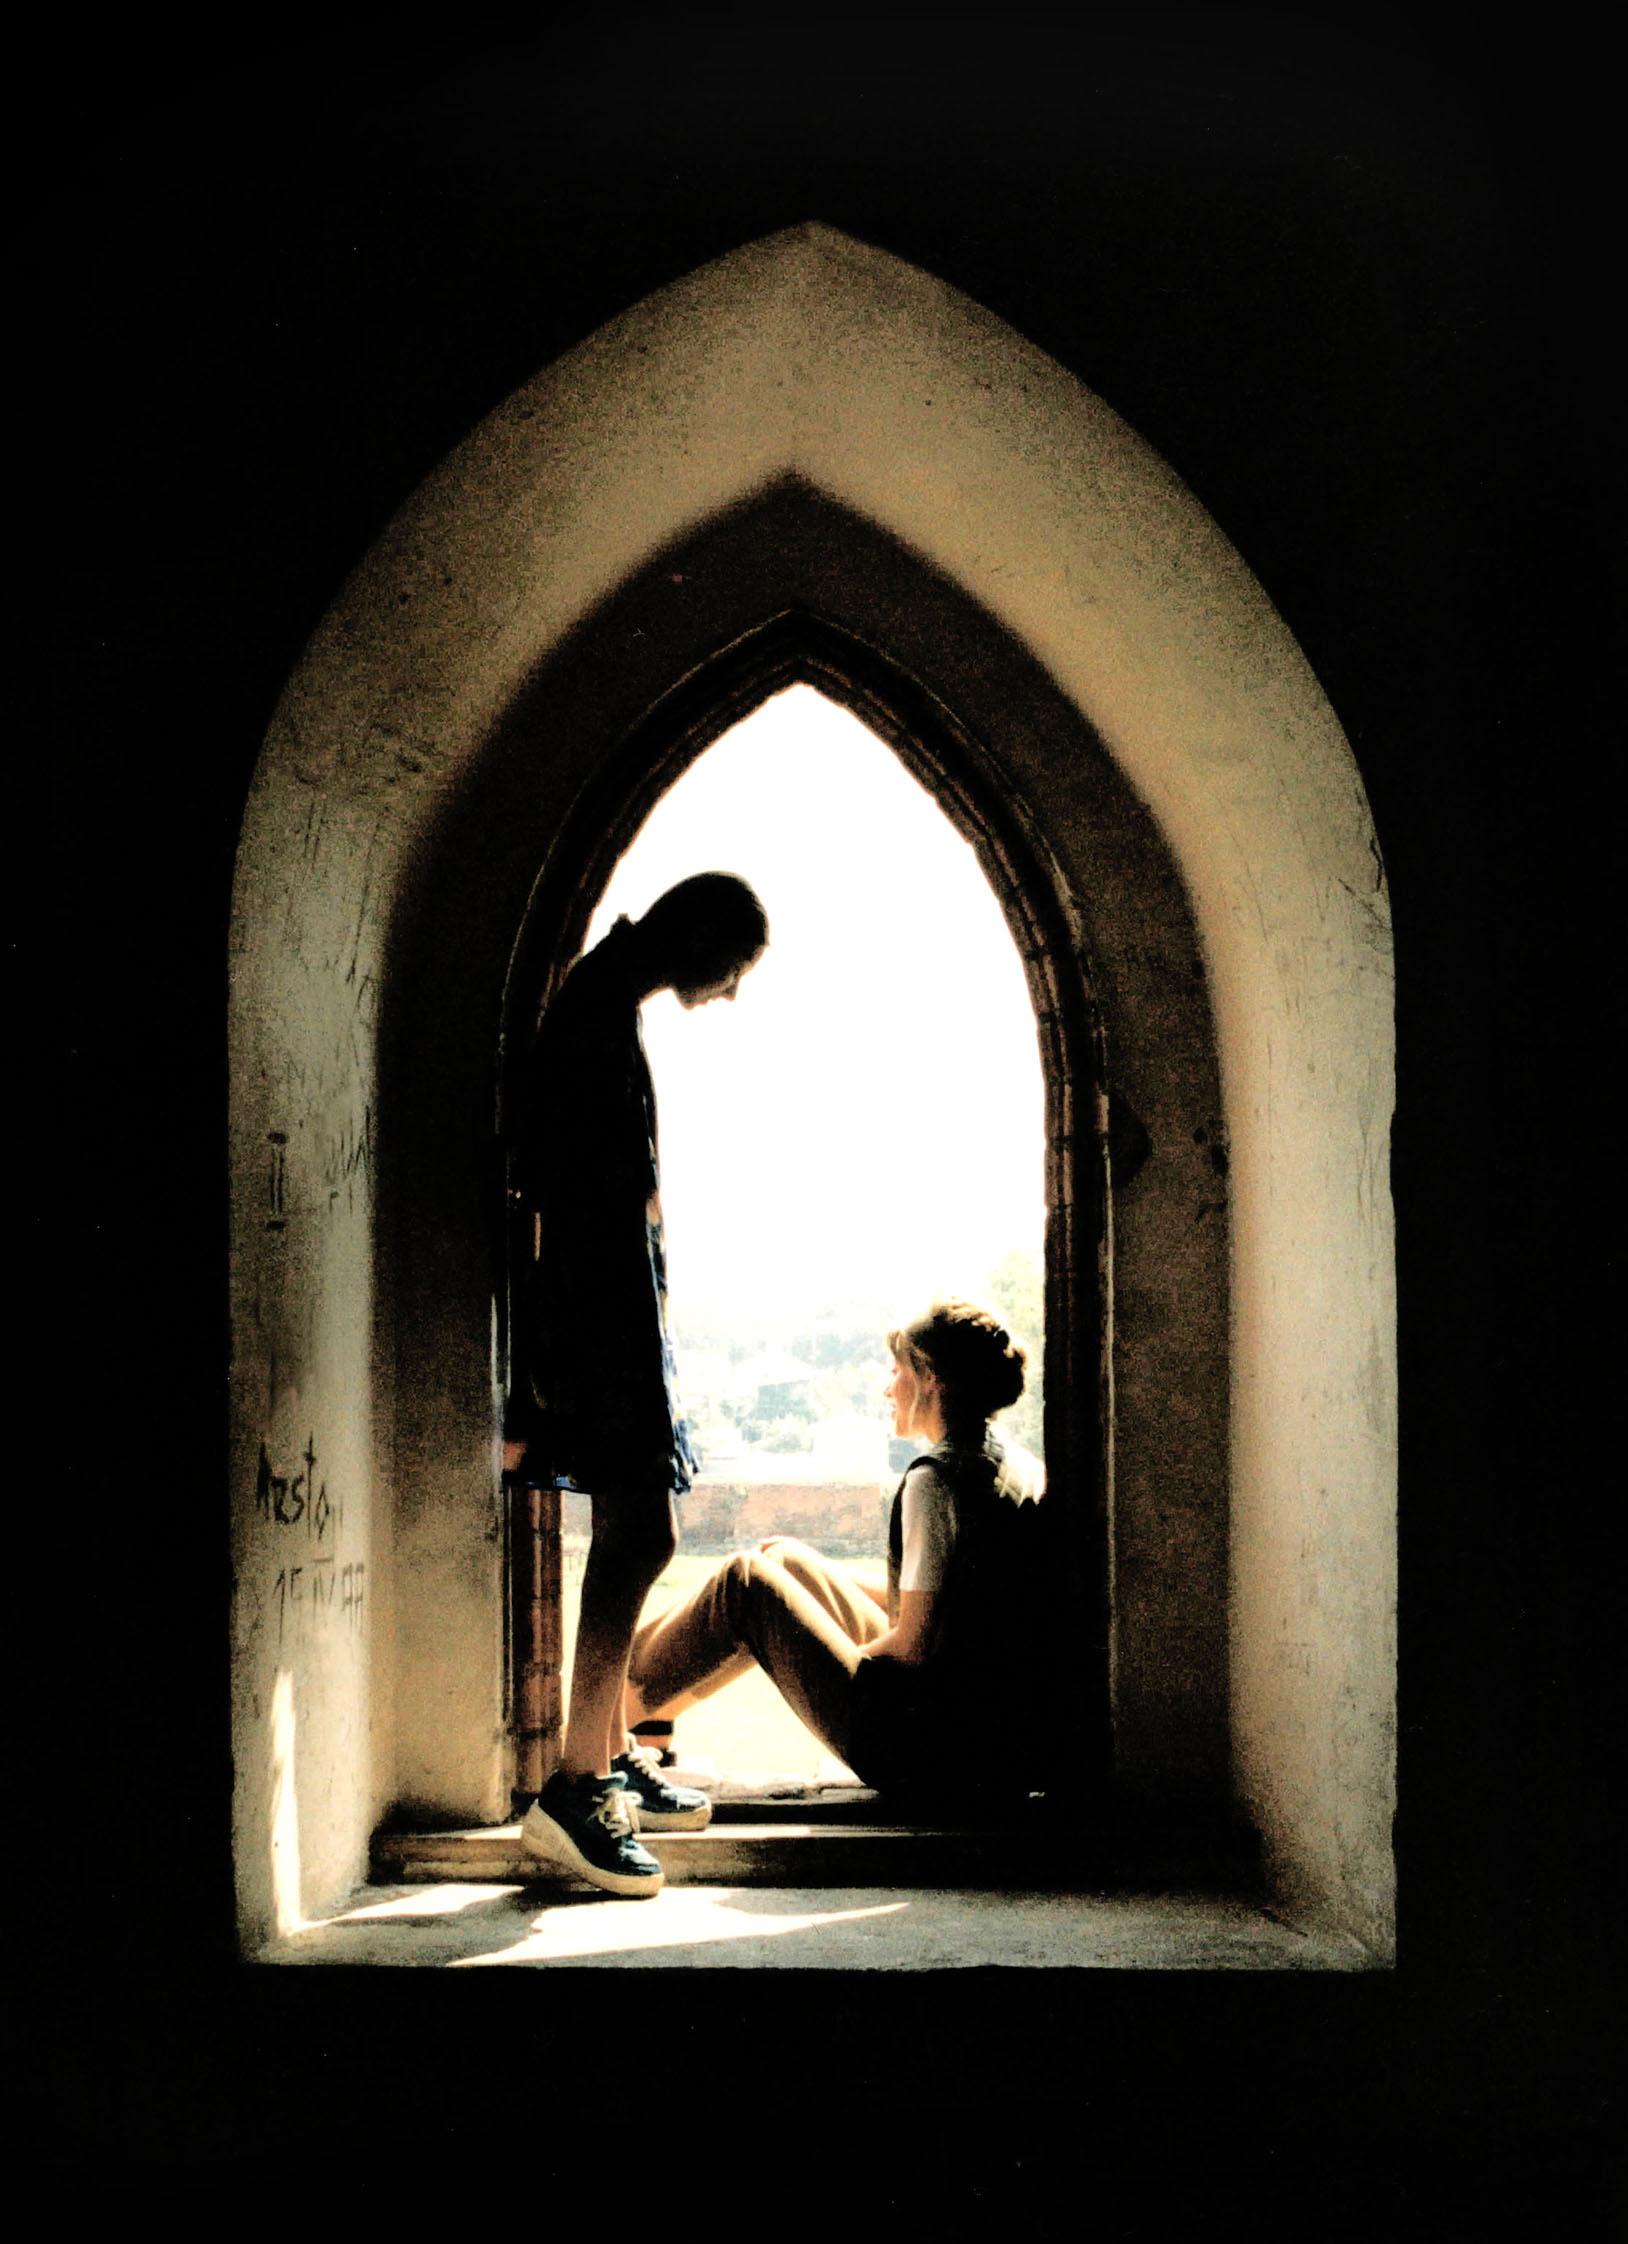 Jak ze sobą nie zwariować? O różnicach między kobietami i mężczyznami w przechodzeniu przełomu połowy życia